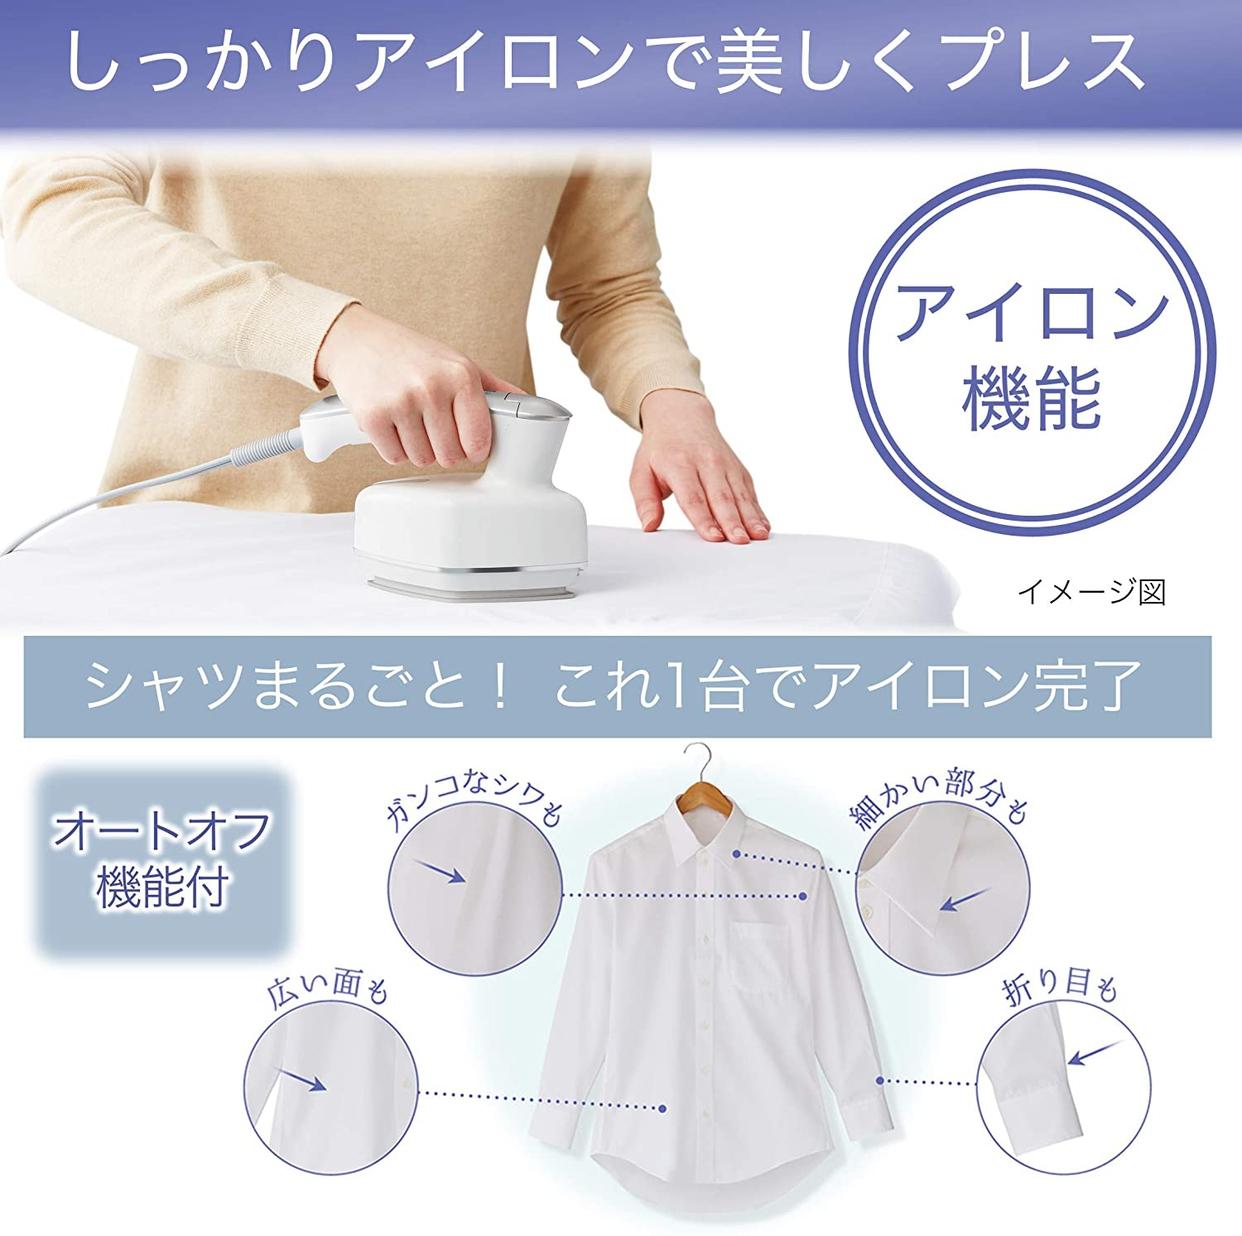 日立(HITACHI) 衣類スチーマー CSI-RX2の商品画像9